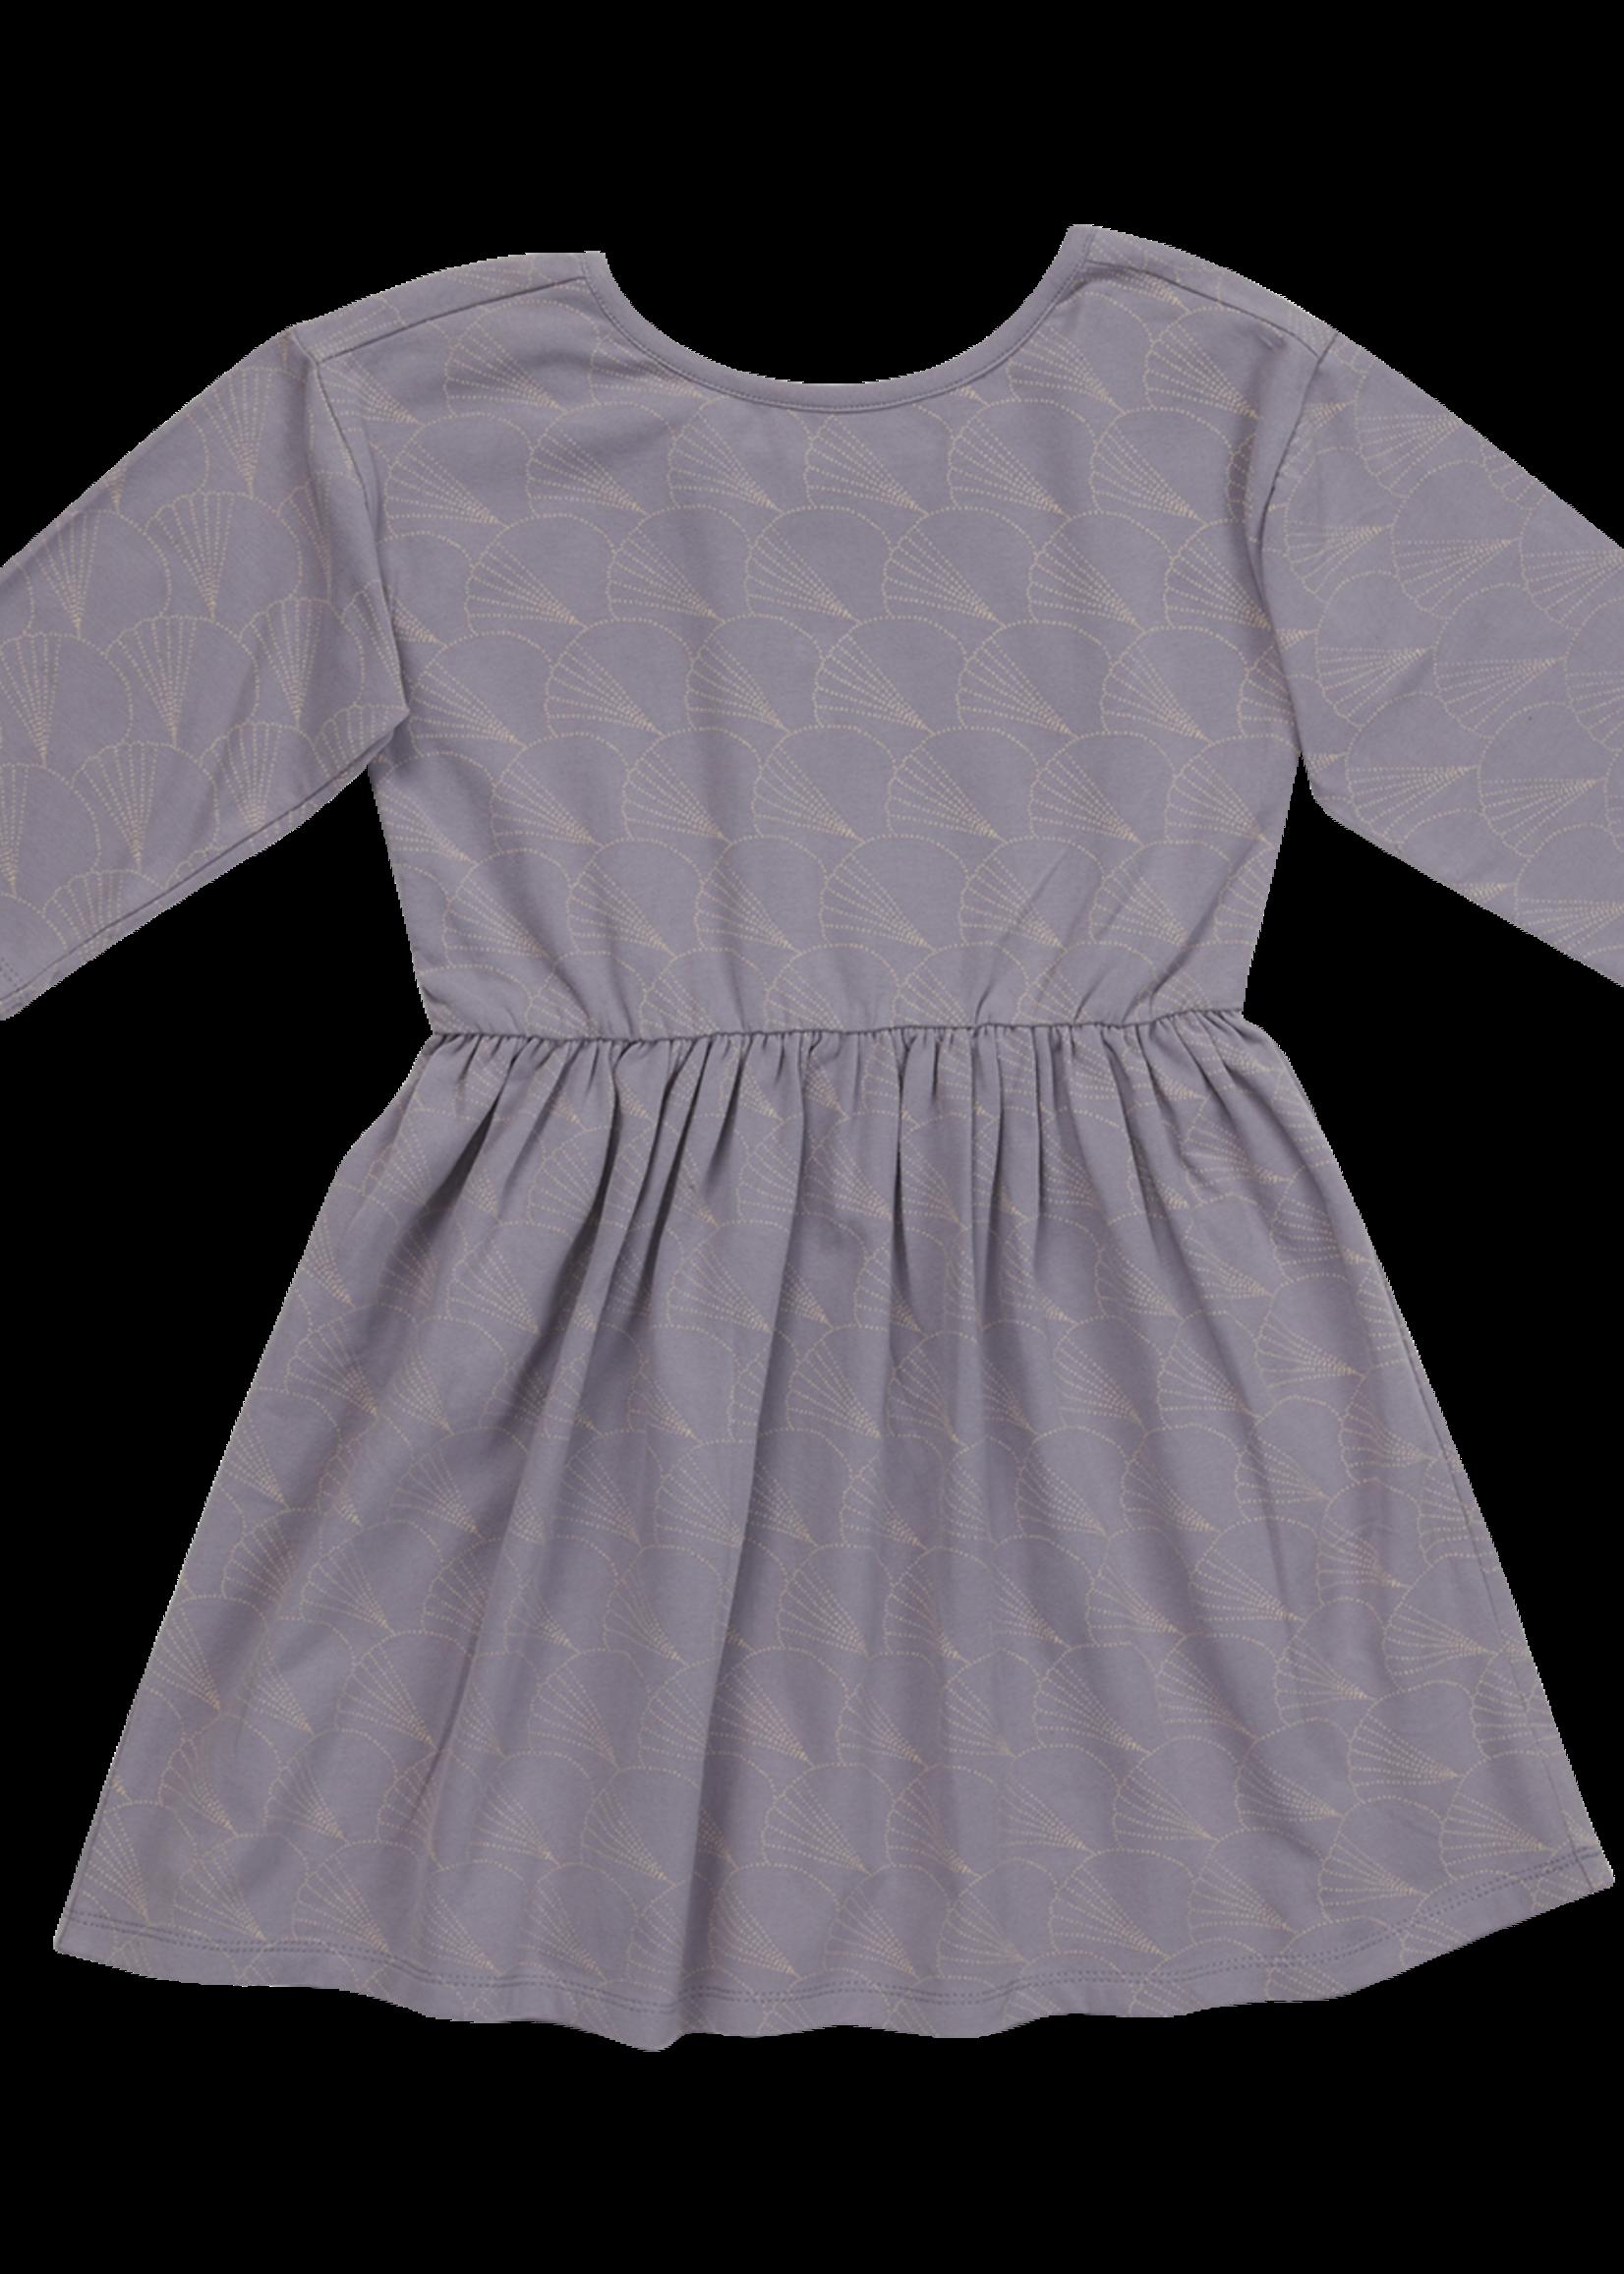 Blossom Kids Dress half sleeve - Shelves - Lavender Gray